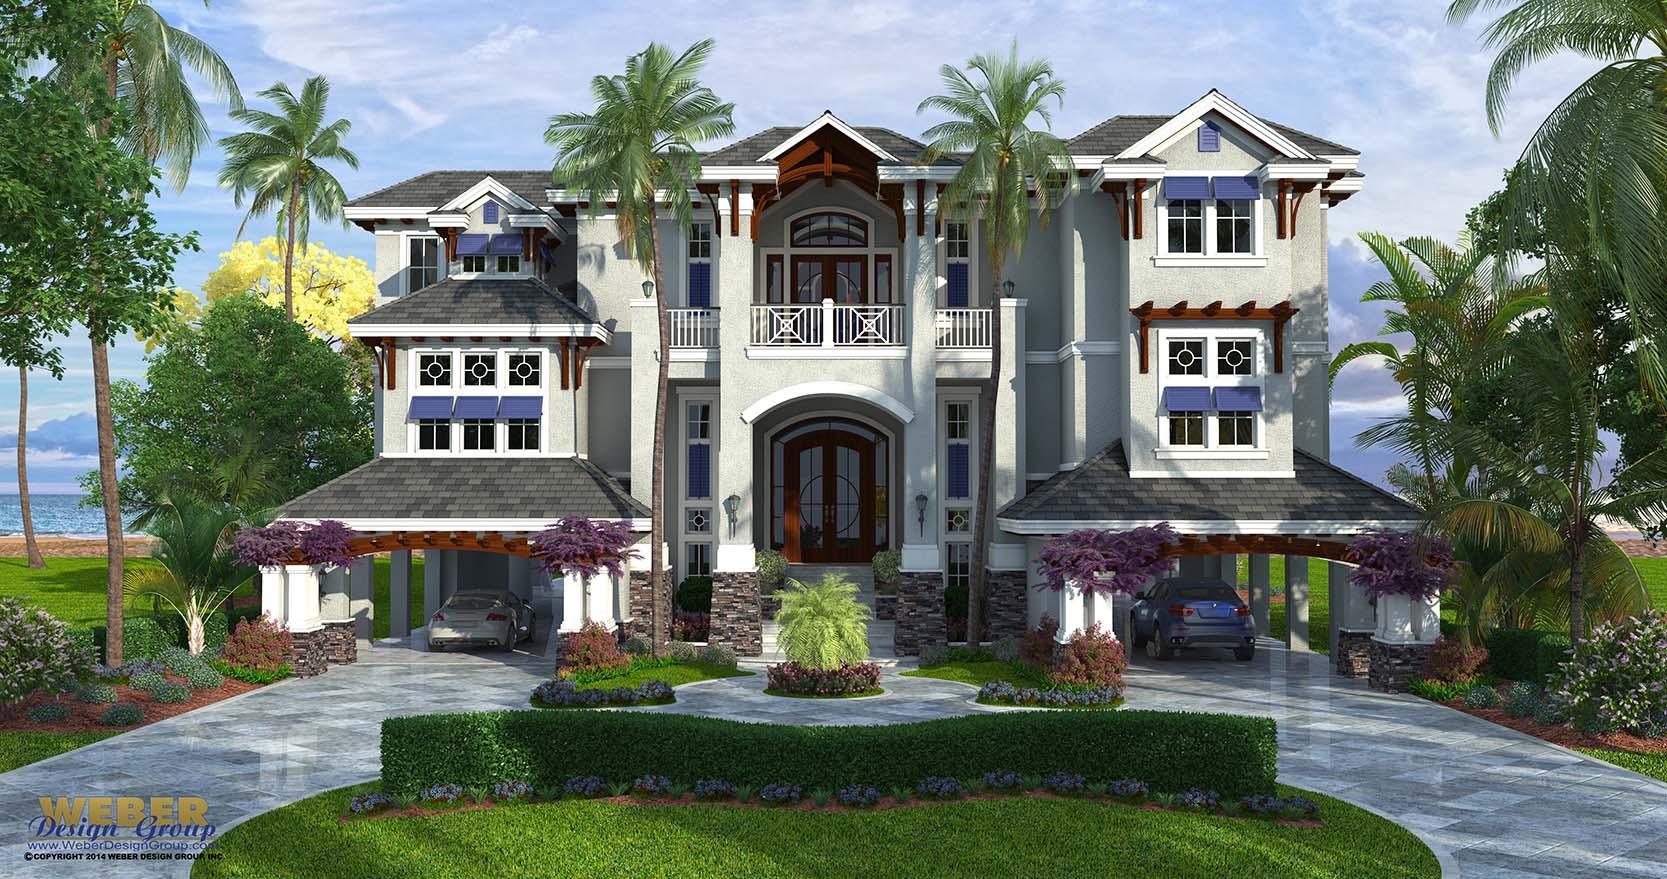 Fullsize Of 3 Story House